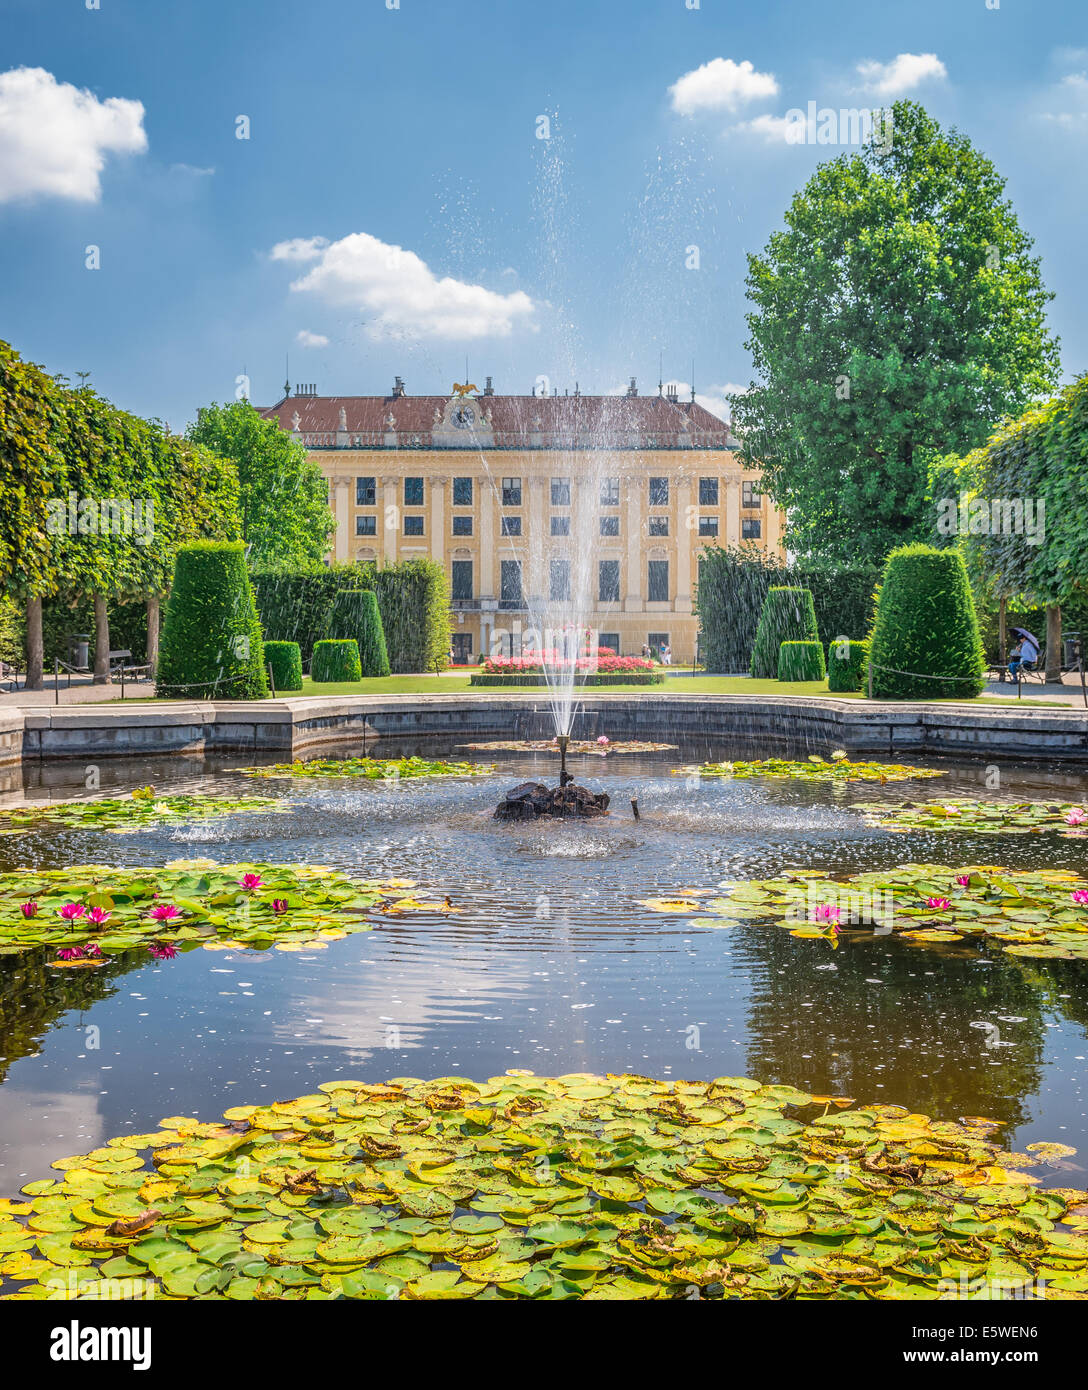 Fontana nel parco dietro il castello di Schonbrunn a Vienna Immagini Stock